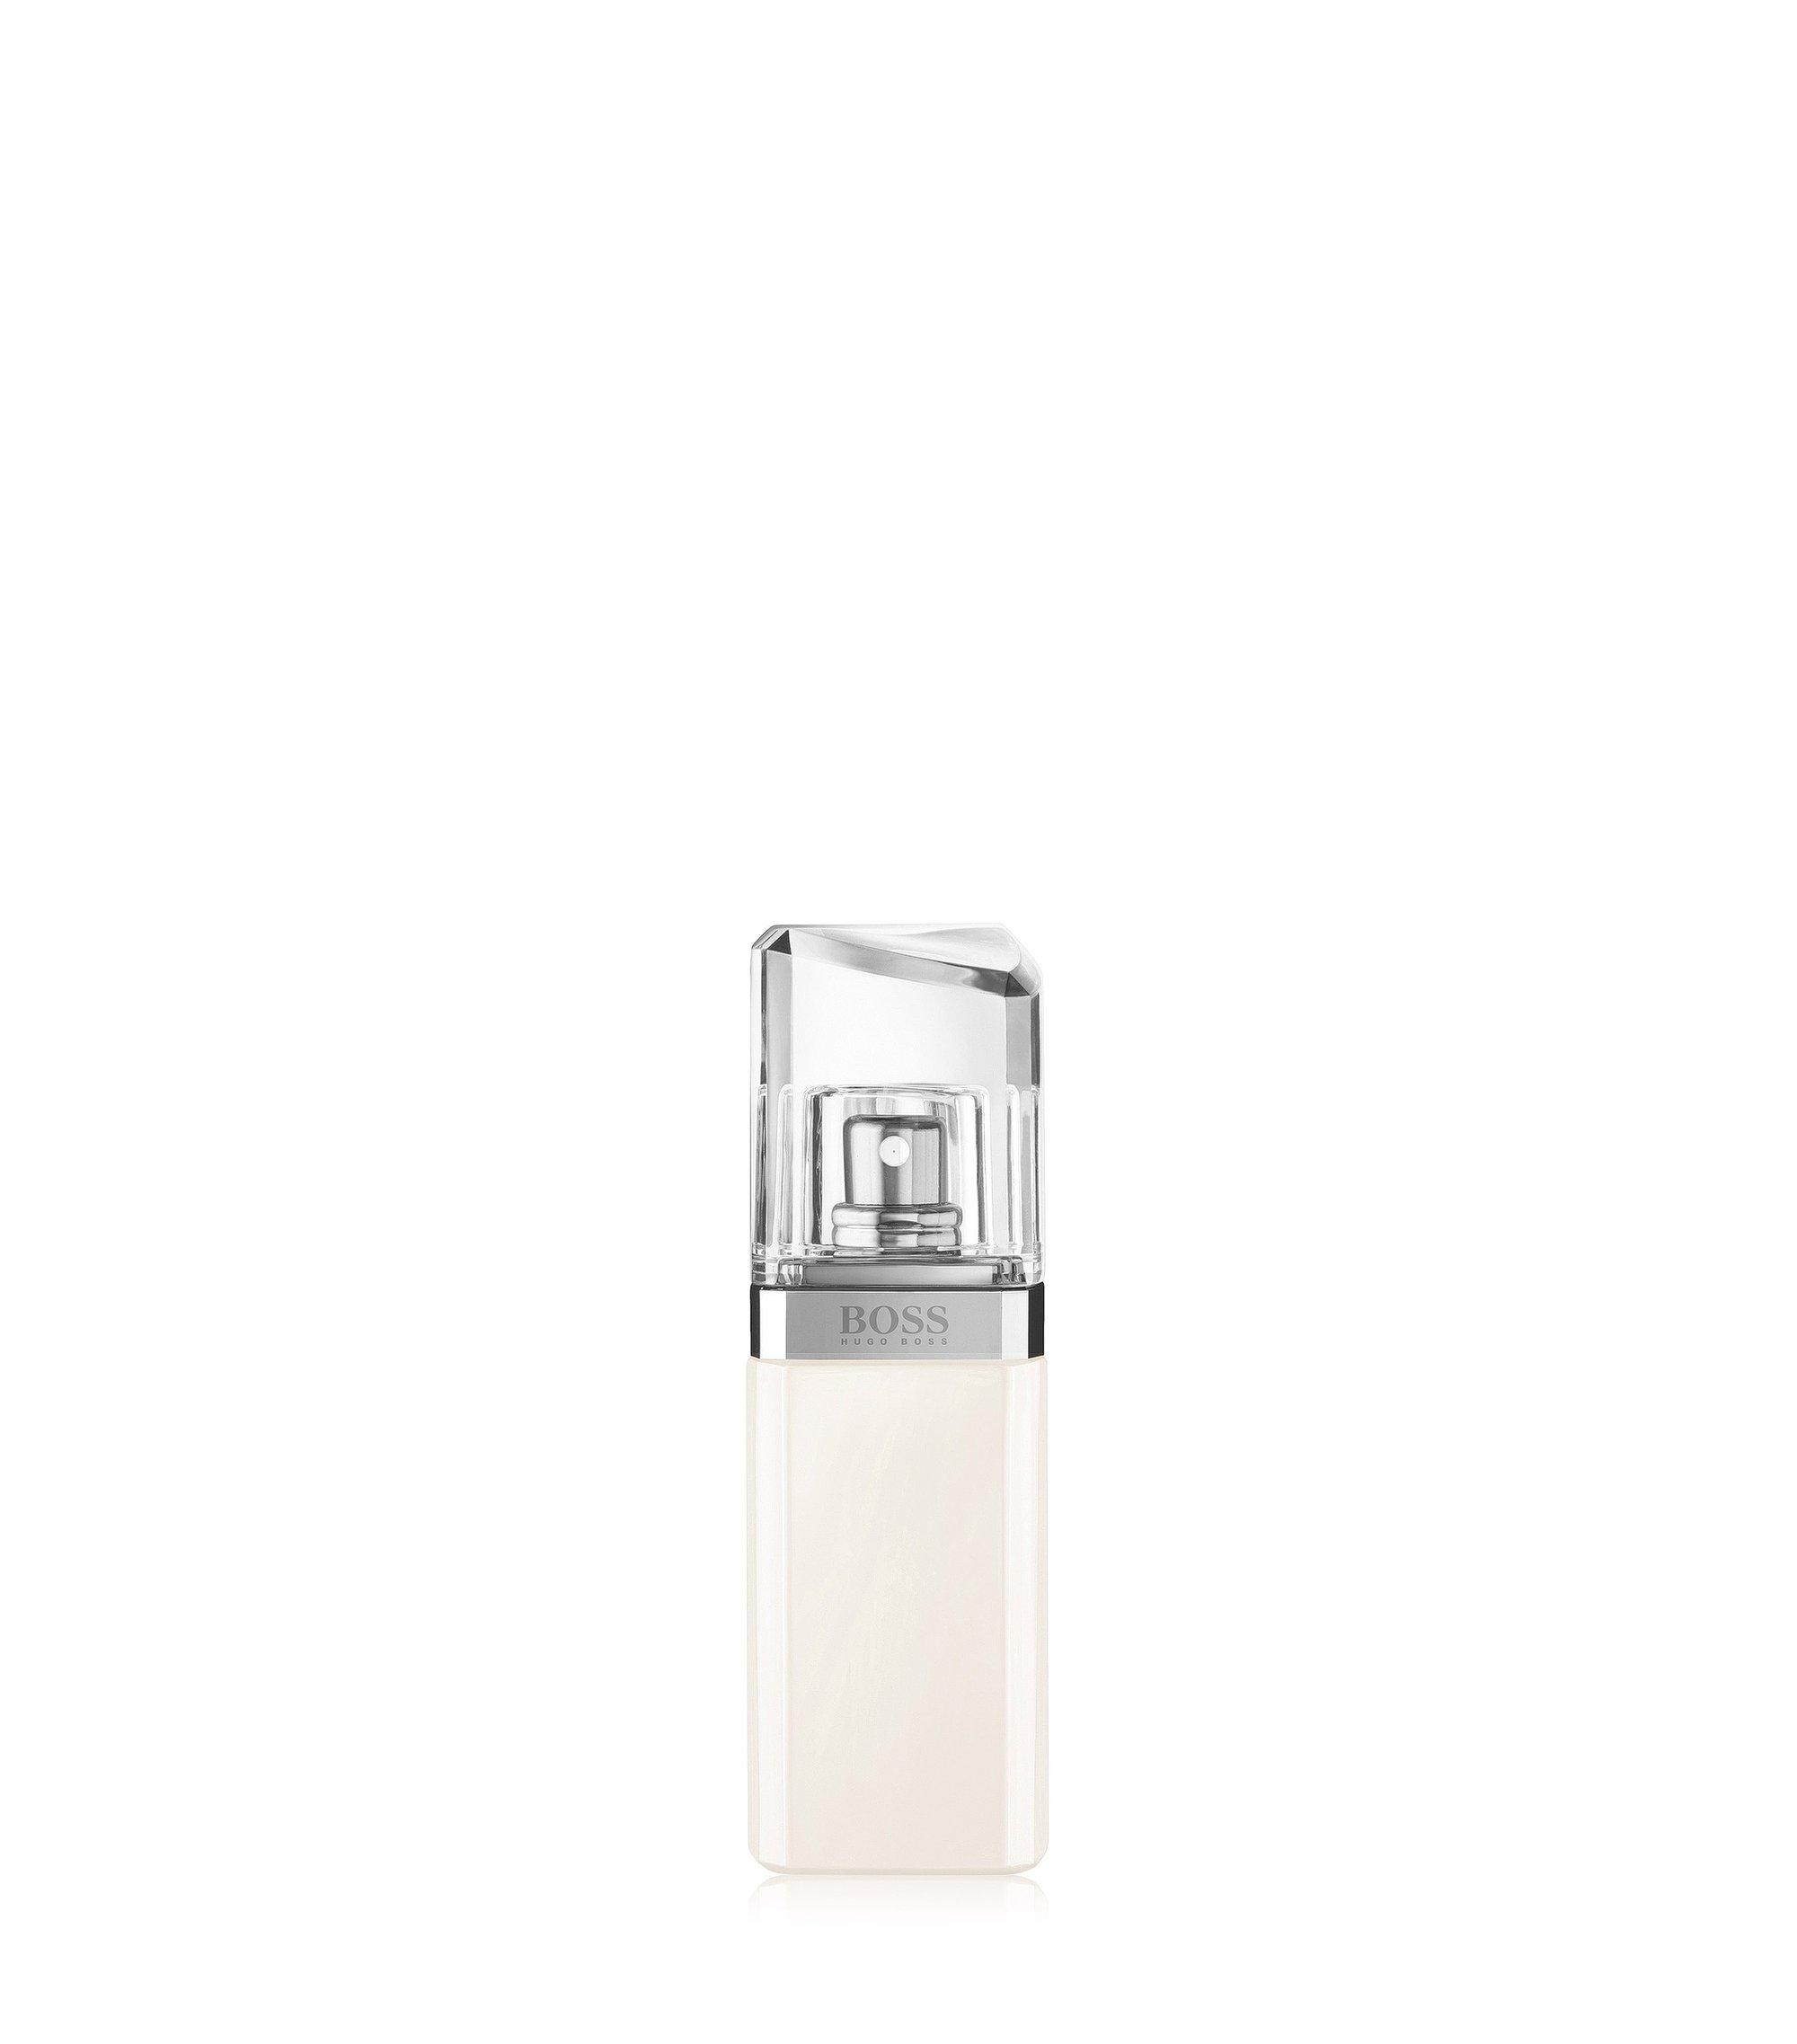 'BOSS Jour Lumineuse' Eau de Parfum 30 ml, Assorted-Pre-Pack